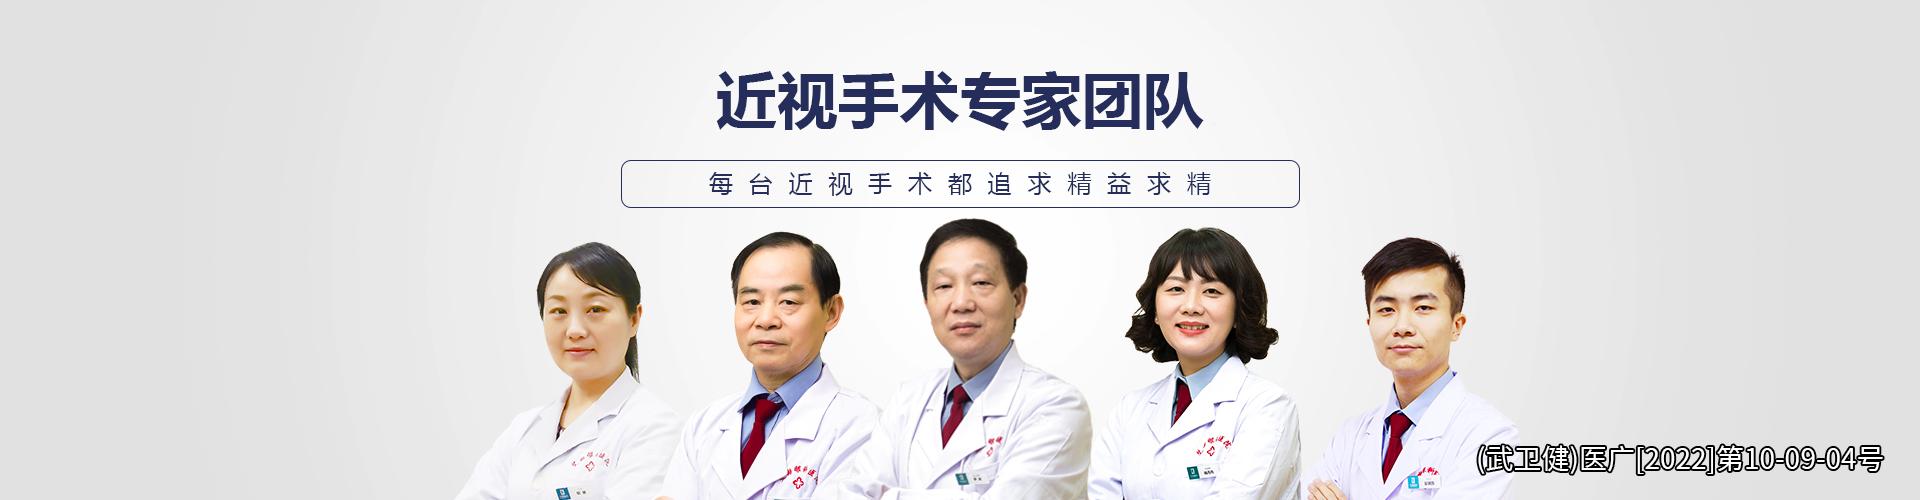 屈光手术科